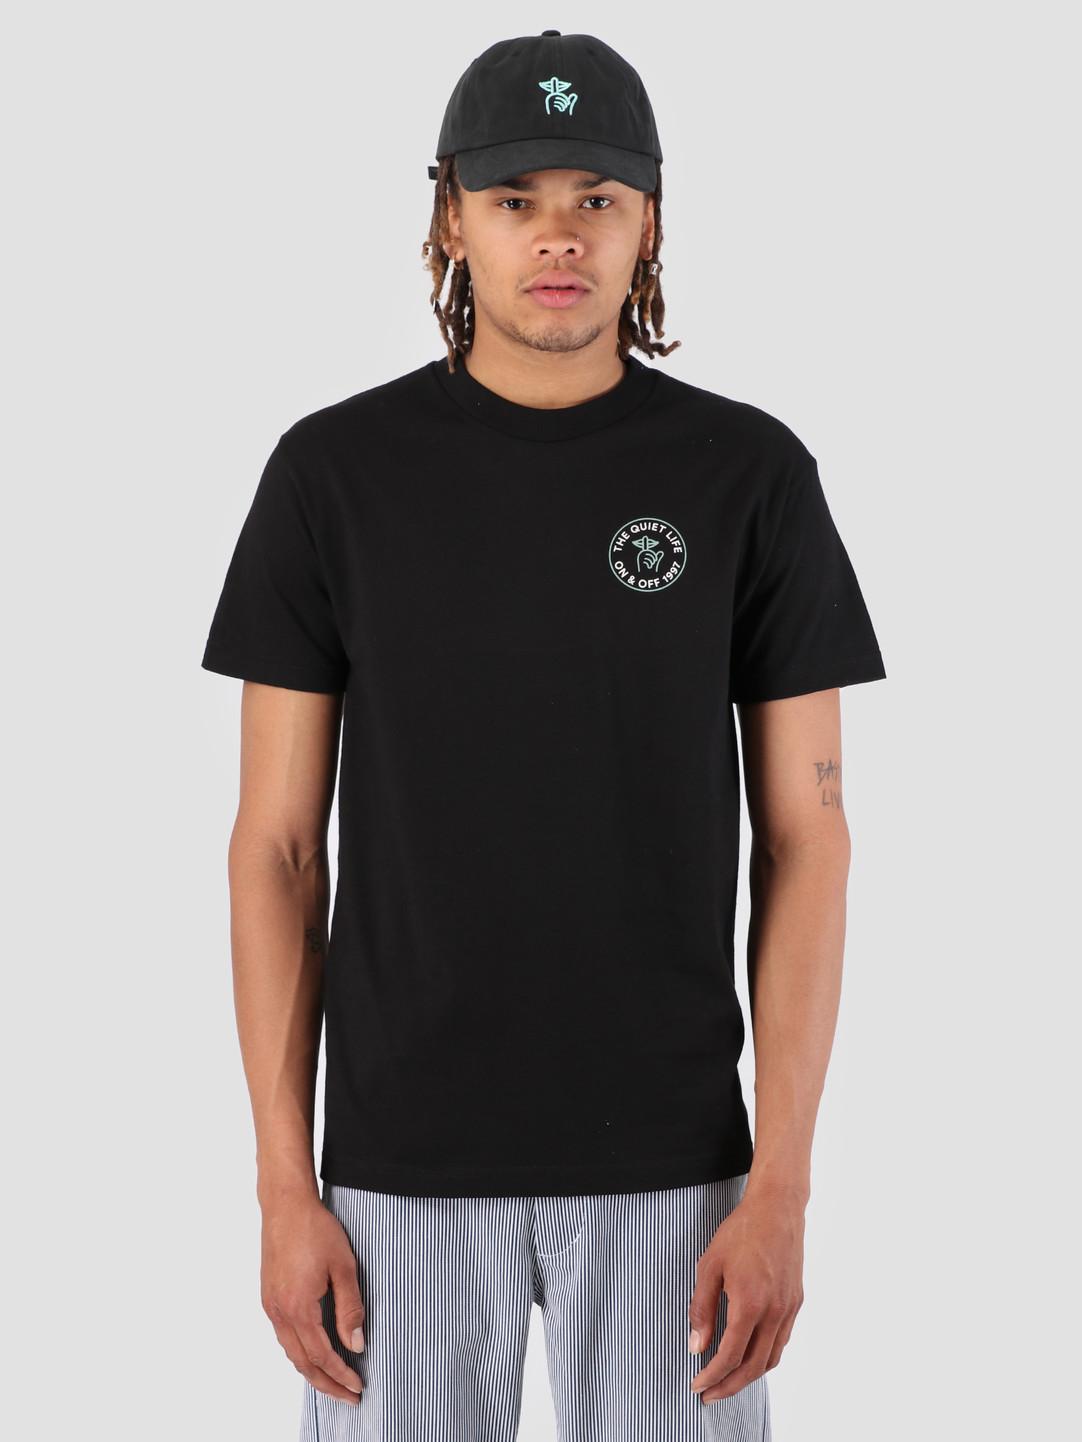 The Quiet Life The Quiet Life Shhh Circle T-Shirt Black 19SPD1-1178-BLK